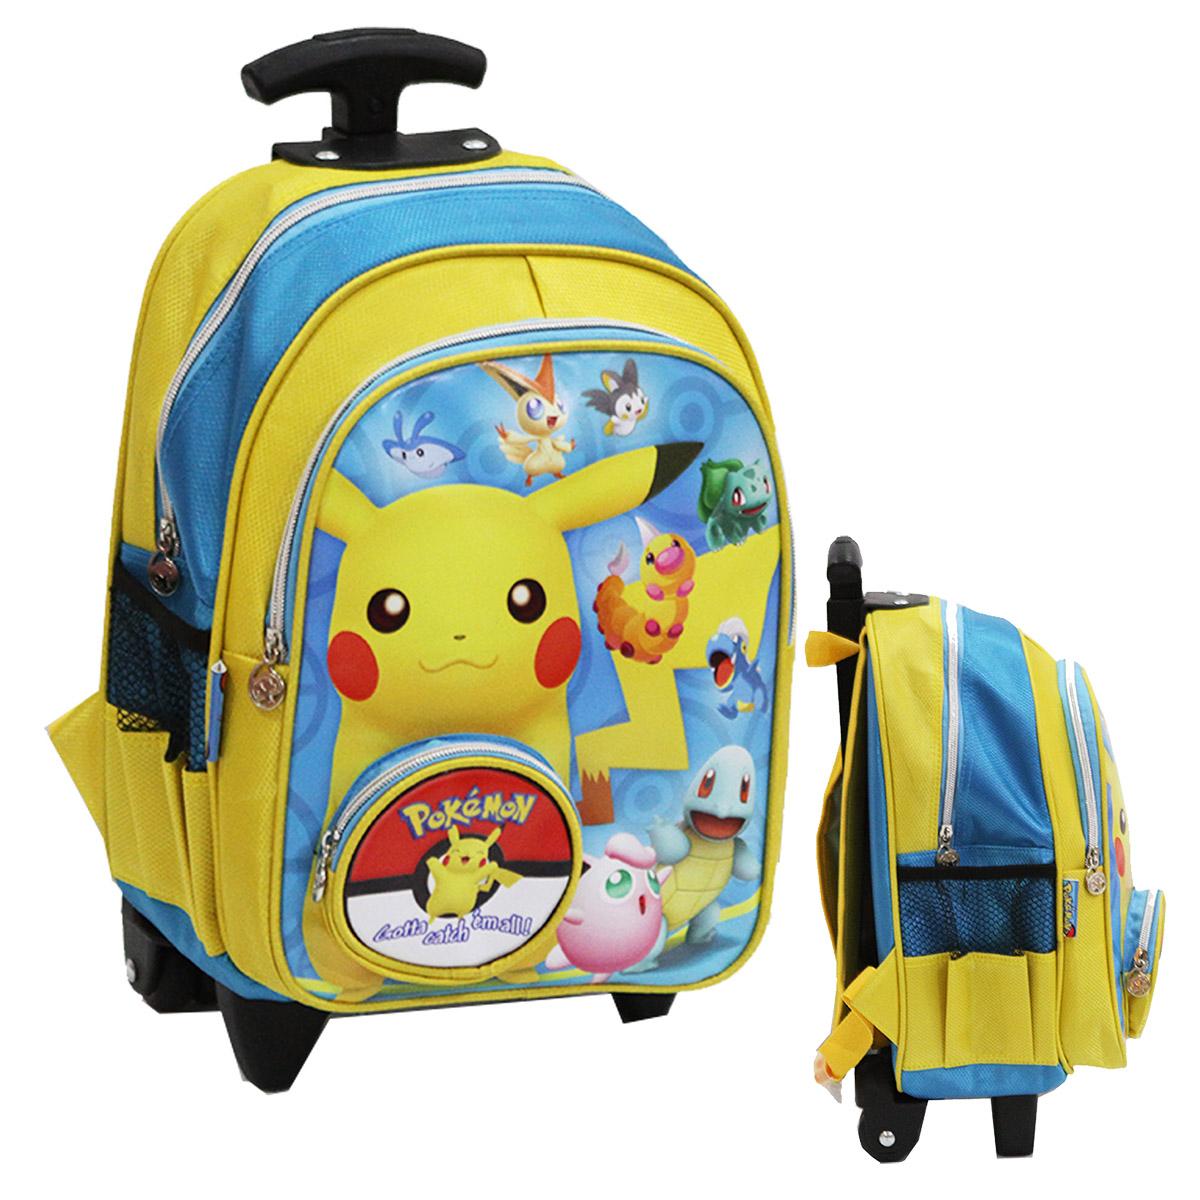 Jual Tas Trolley Pokemon Kantung Coin Ukuran TK Atau PG - Yellow - Tas Anak Harga Grosir   Tokopedia